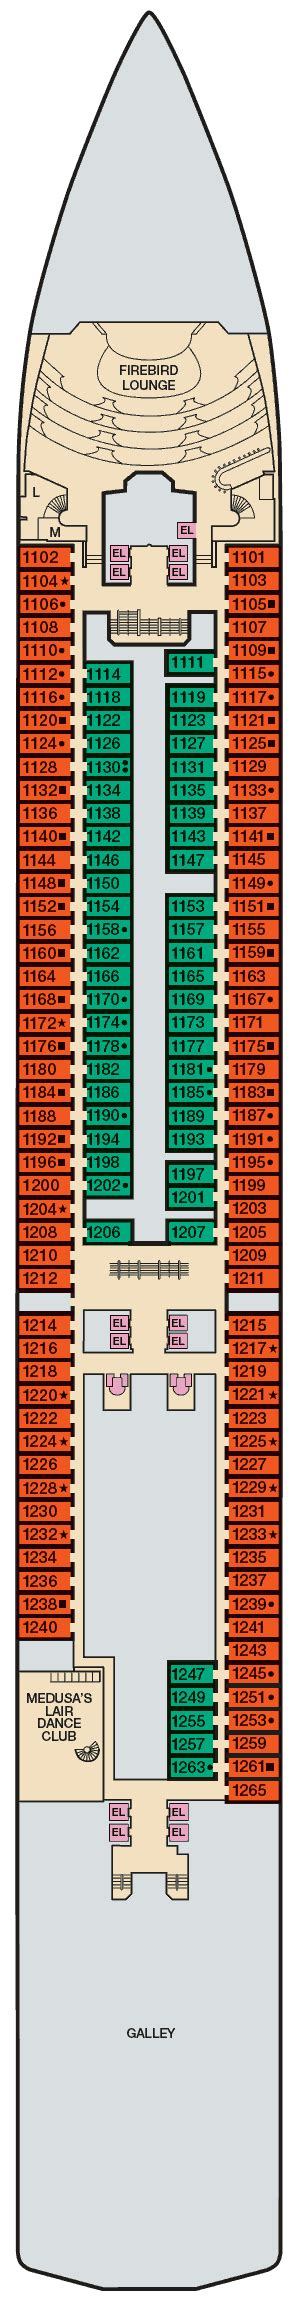 carnival legend floor plan oceanview cabin 1120 on carnival legend category 6a